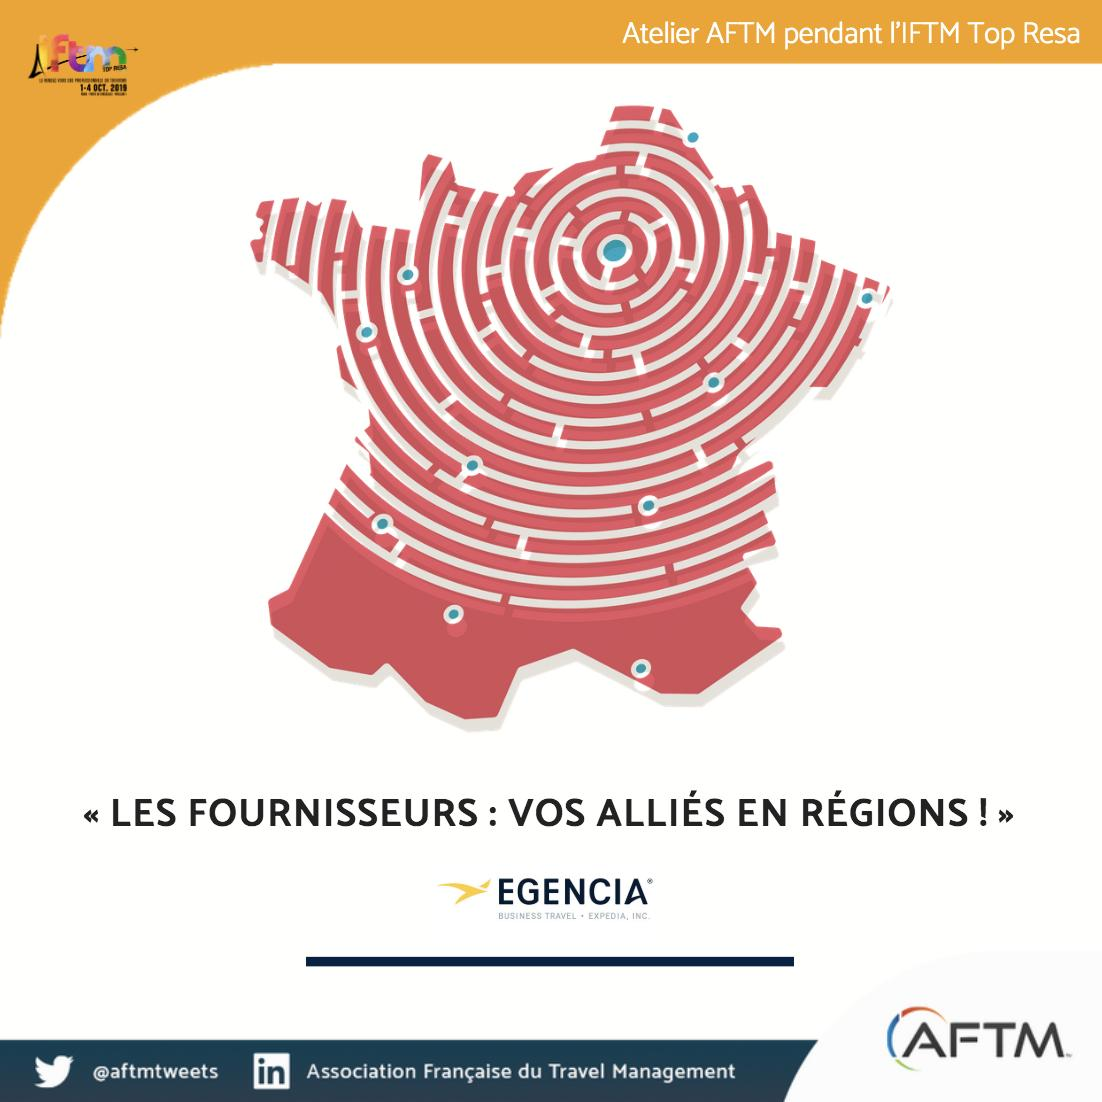 [ Atelier AFTM sur @iftmparis 📅 ] Le 2 octobre à 12h45, l'AFTM animera un atelier en partenariat avec @EgenciaFR sur le sujet suivant : « Les fournisseurs T&E : plus que des partenaires commerciaux, vos alliés en régions ! ». Inscription ici 👉 https://t.co/WBPXozXlVZ https://t.co/JL3Fw3mhhb